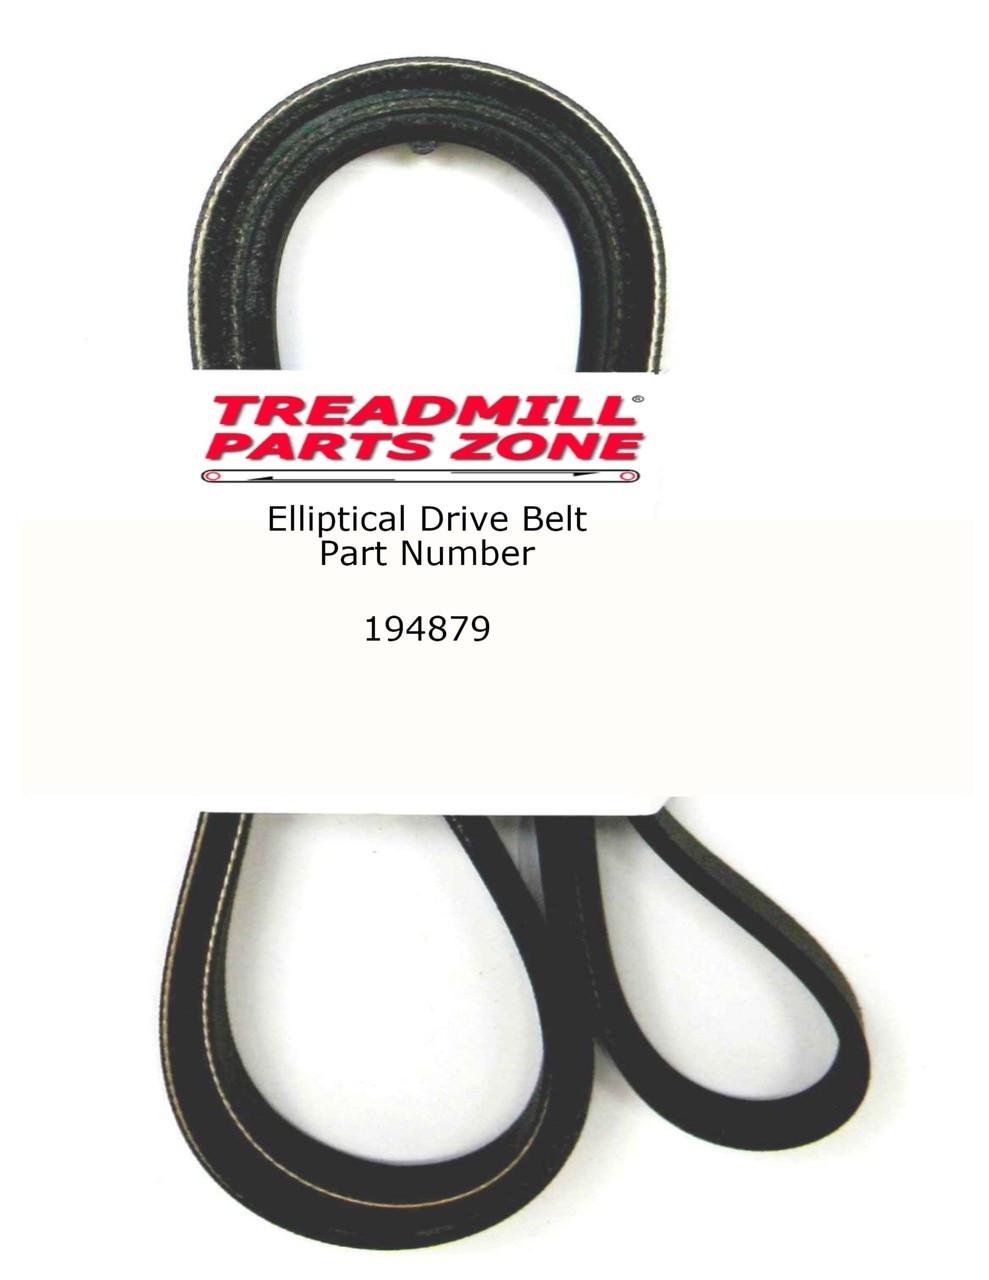 ProForm Bike Model PFEVEX61830 762 EKG Drive Pulley Belt Part Number 194879